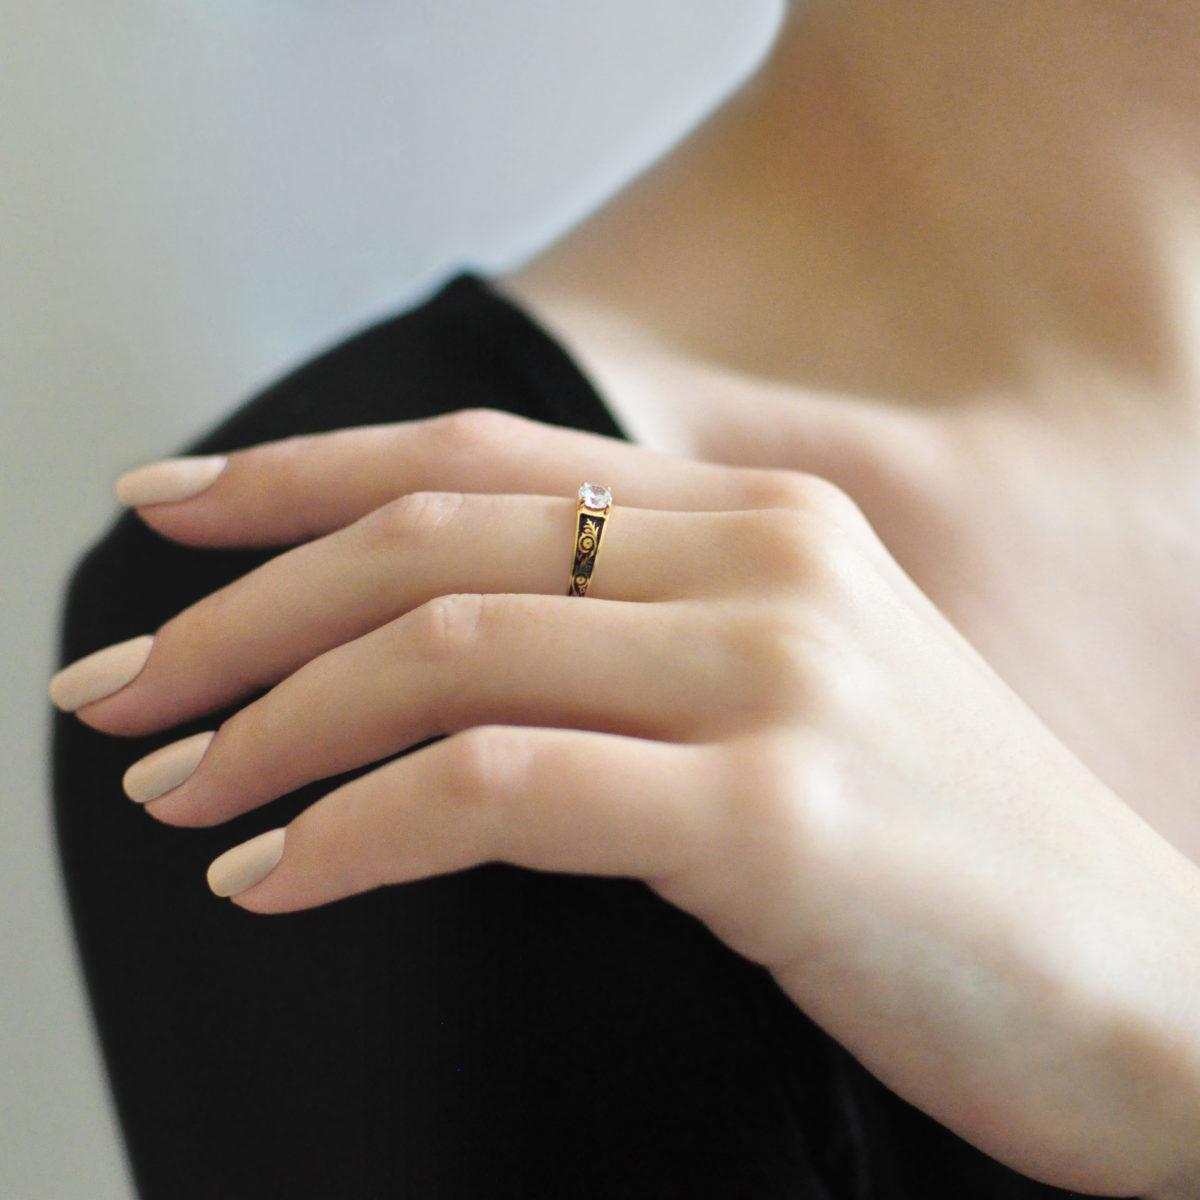 Zolochenie fioletovaya 9 1200x1200 - Перстень серебряный «Спас-на-крови» (золочение), фиолетовый с фианитами